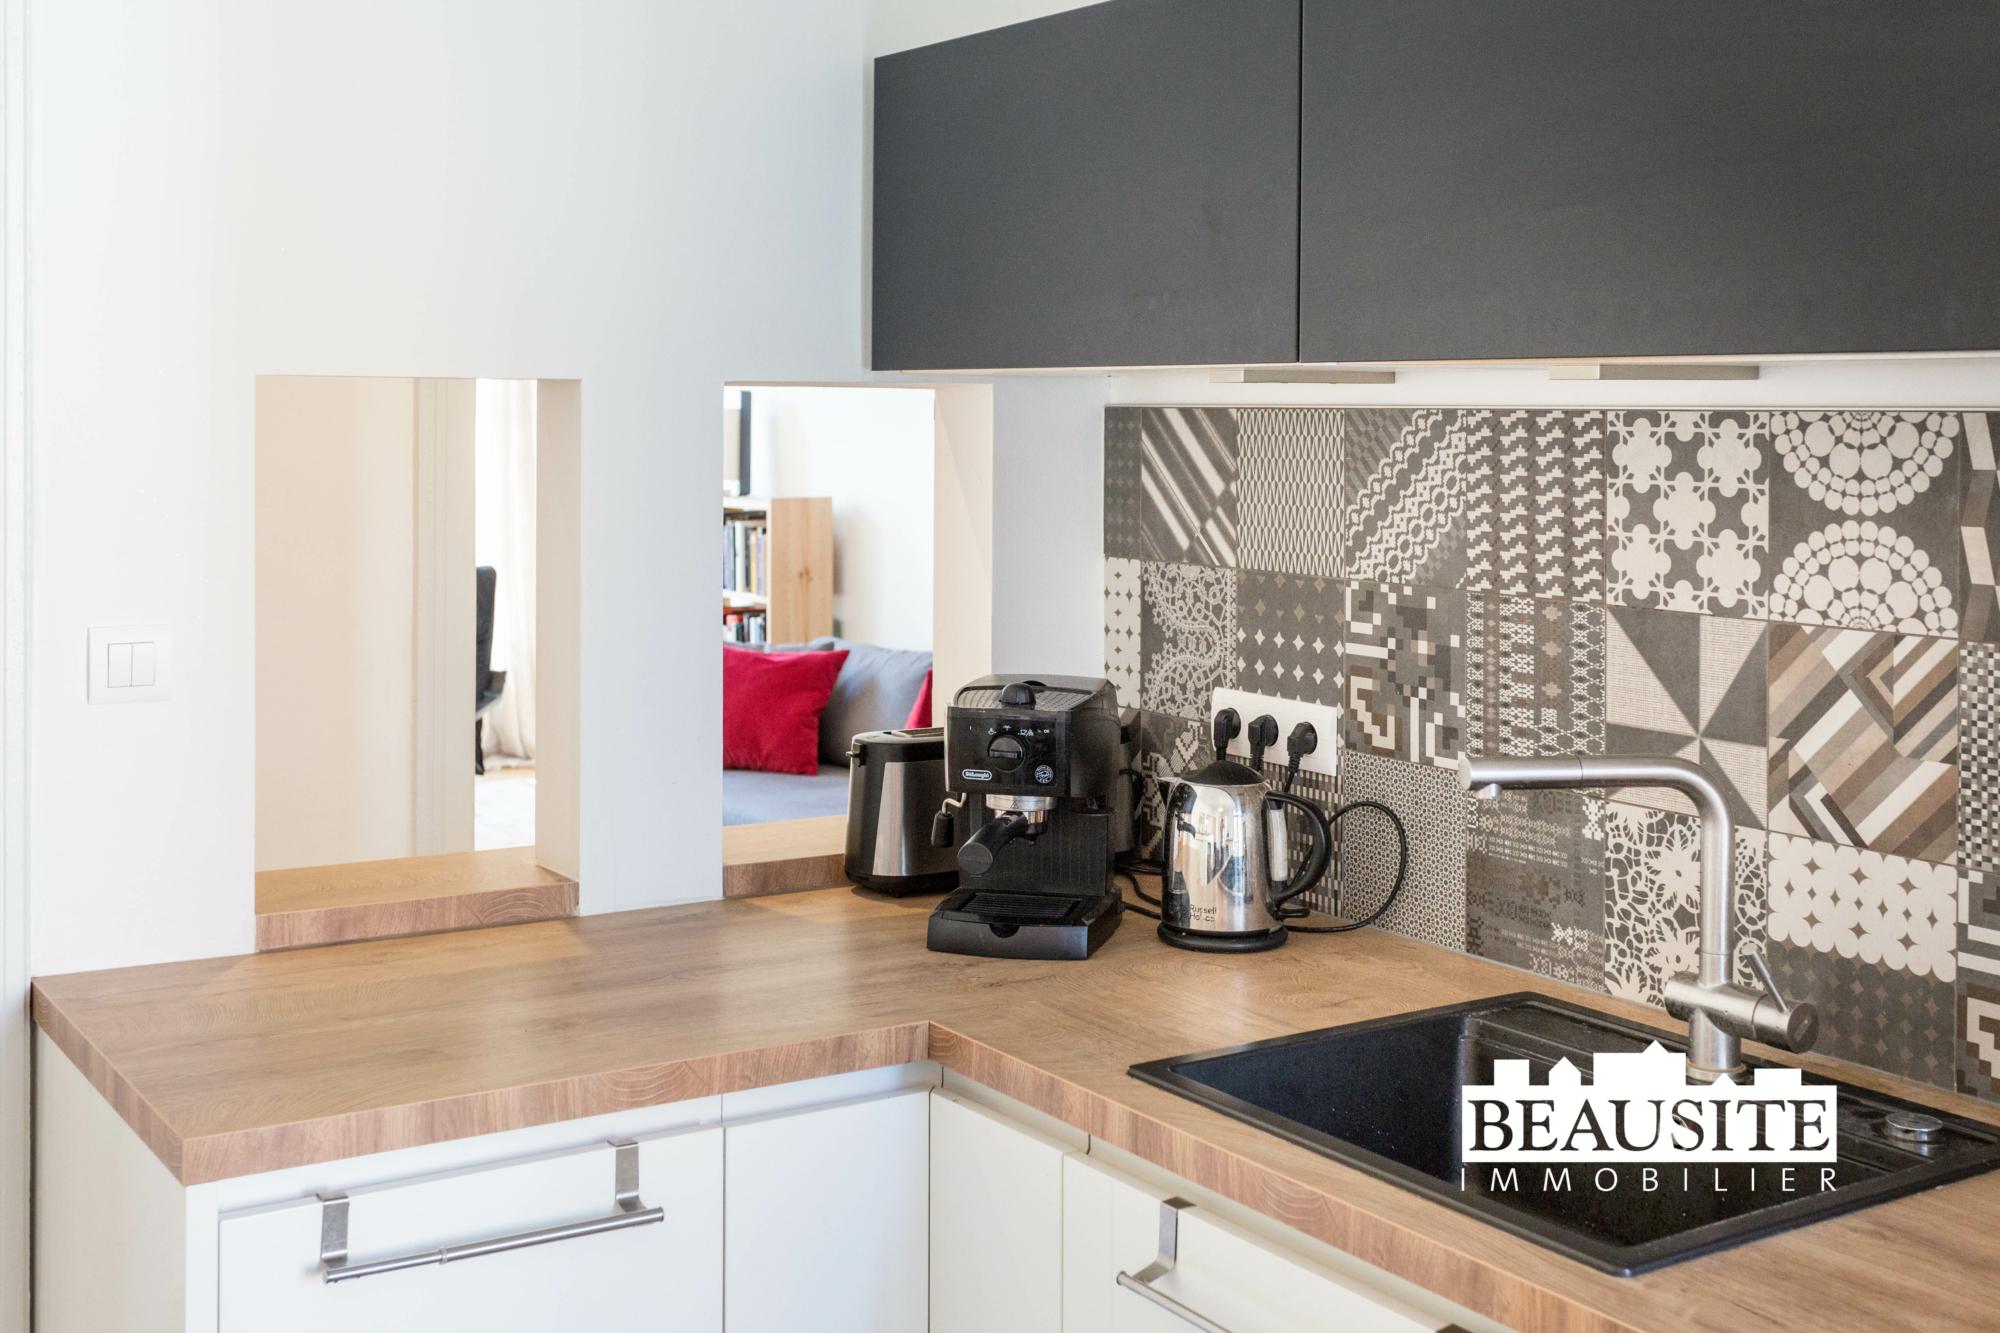 [Sobremesa] L'appartement 5 pièces chaleureux et convivial - Strasbourg / Boulevard du Président Poincaré - nos ventes - Beausite Immobilier 7